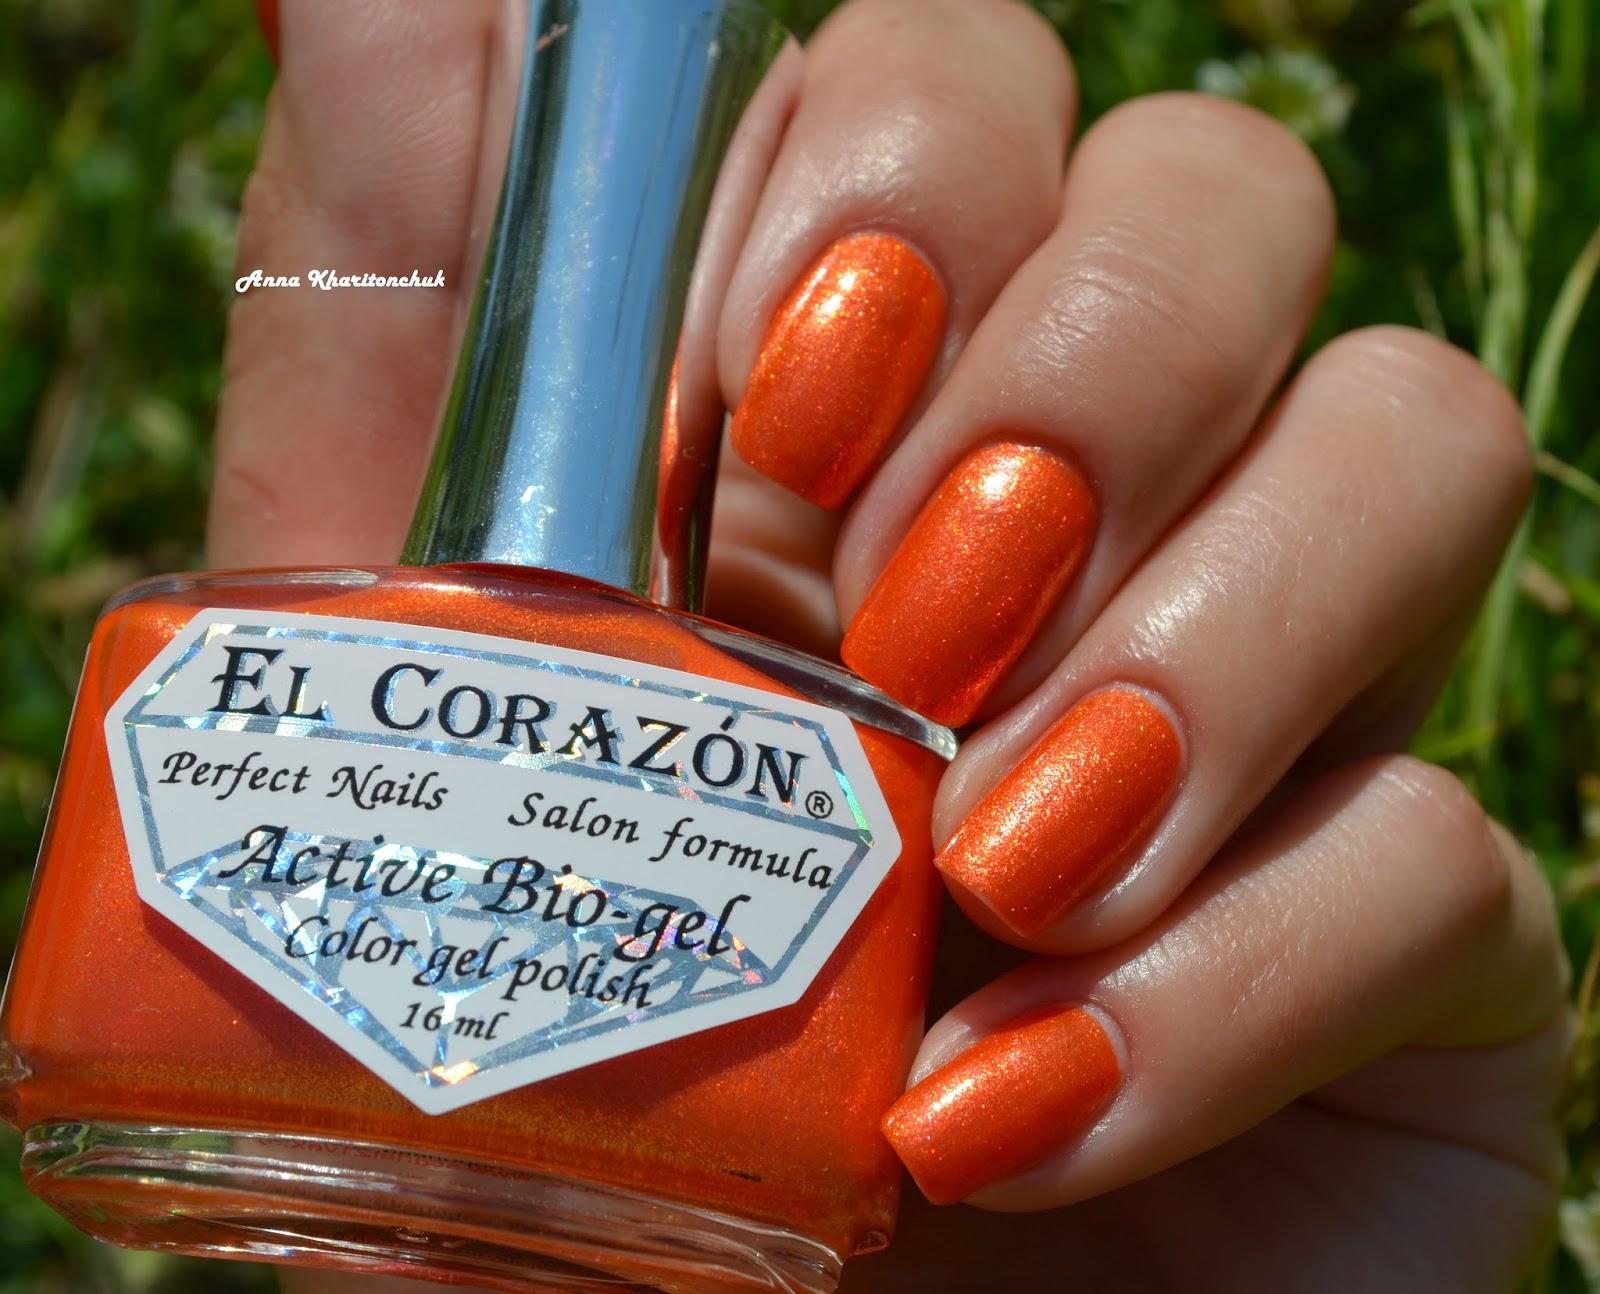 El Corazon Active Bio-gel # 423/561 Magic Tail Kamet